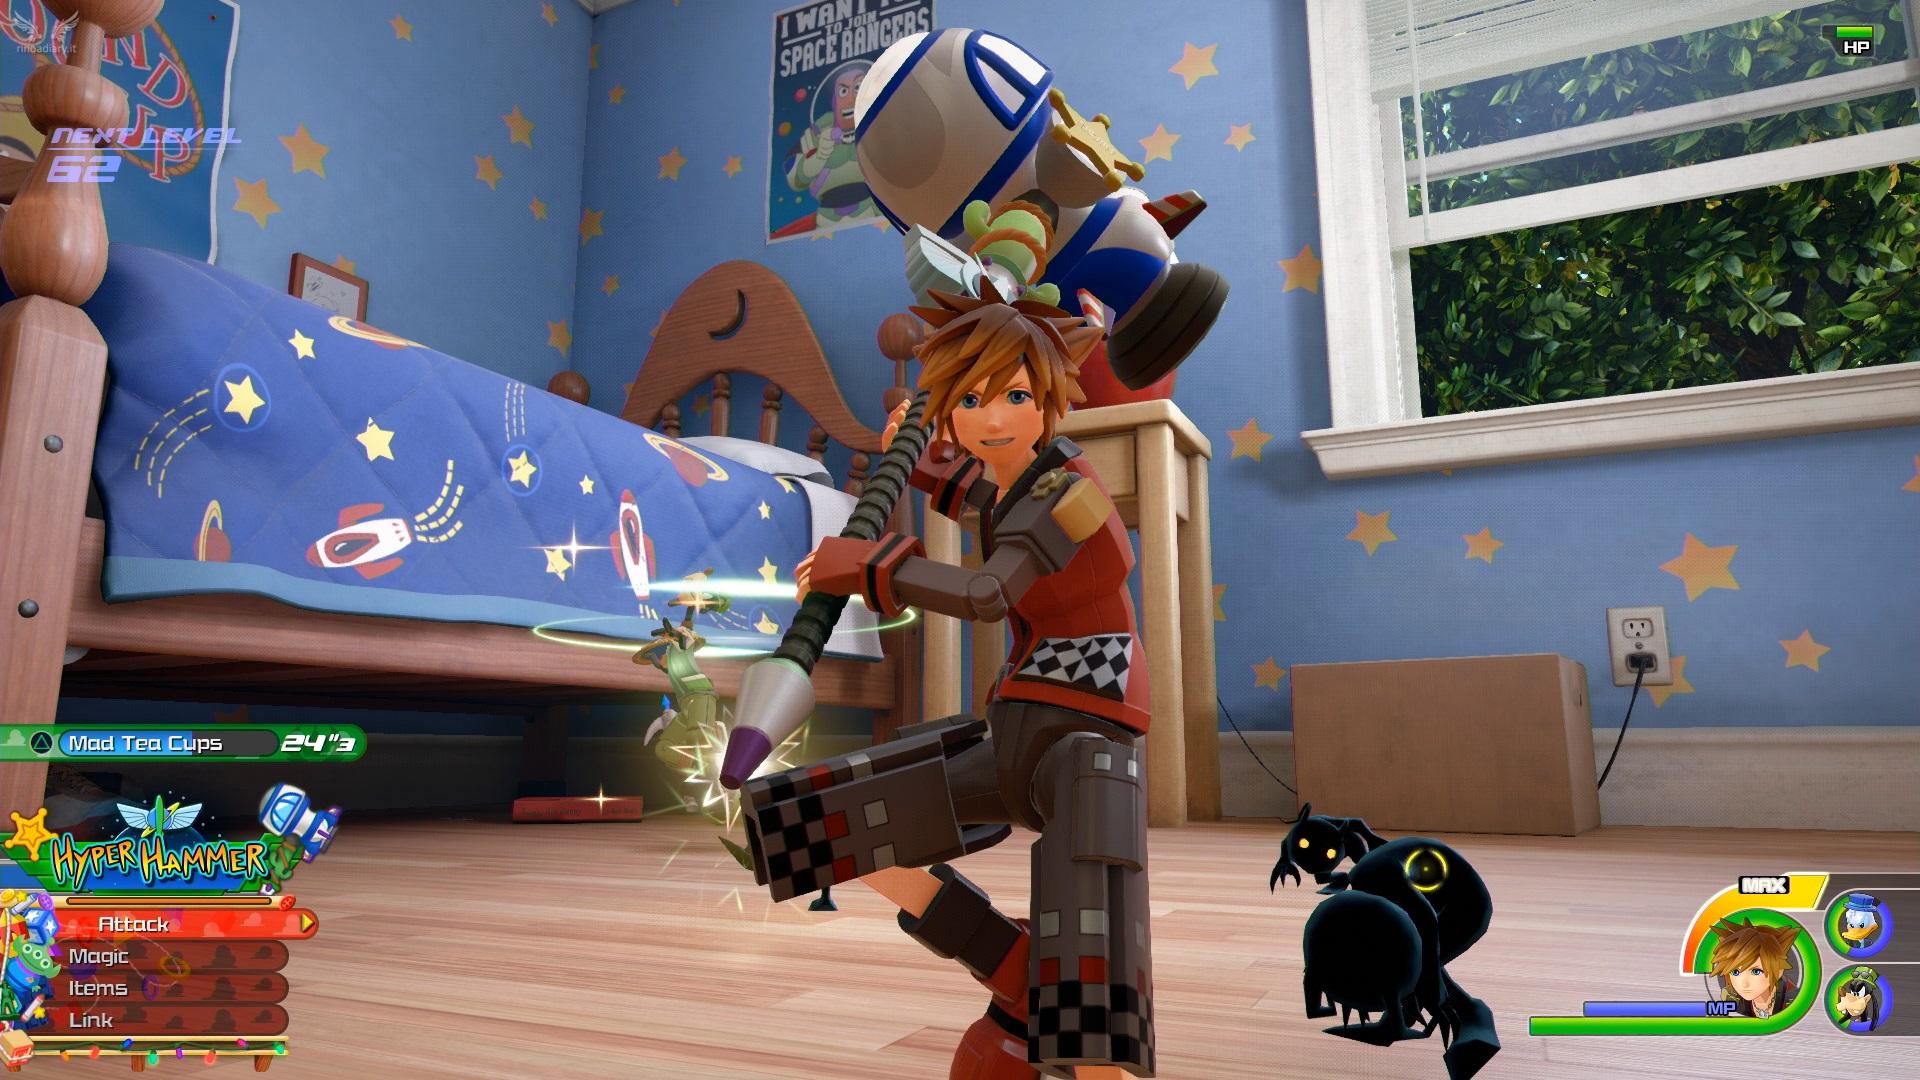 Immagini in HD da Kingdom Hearts III Premiere per PS4 e Xbox One!